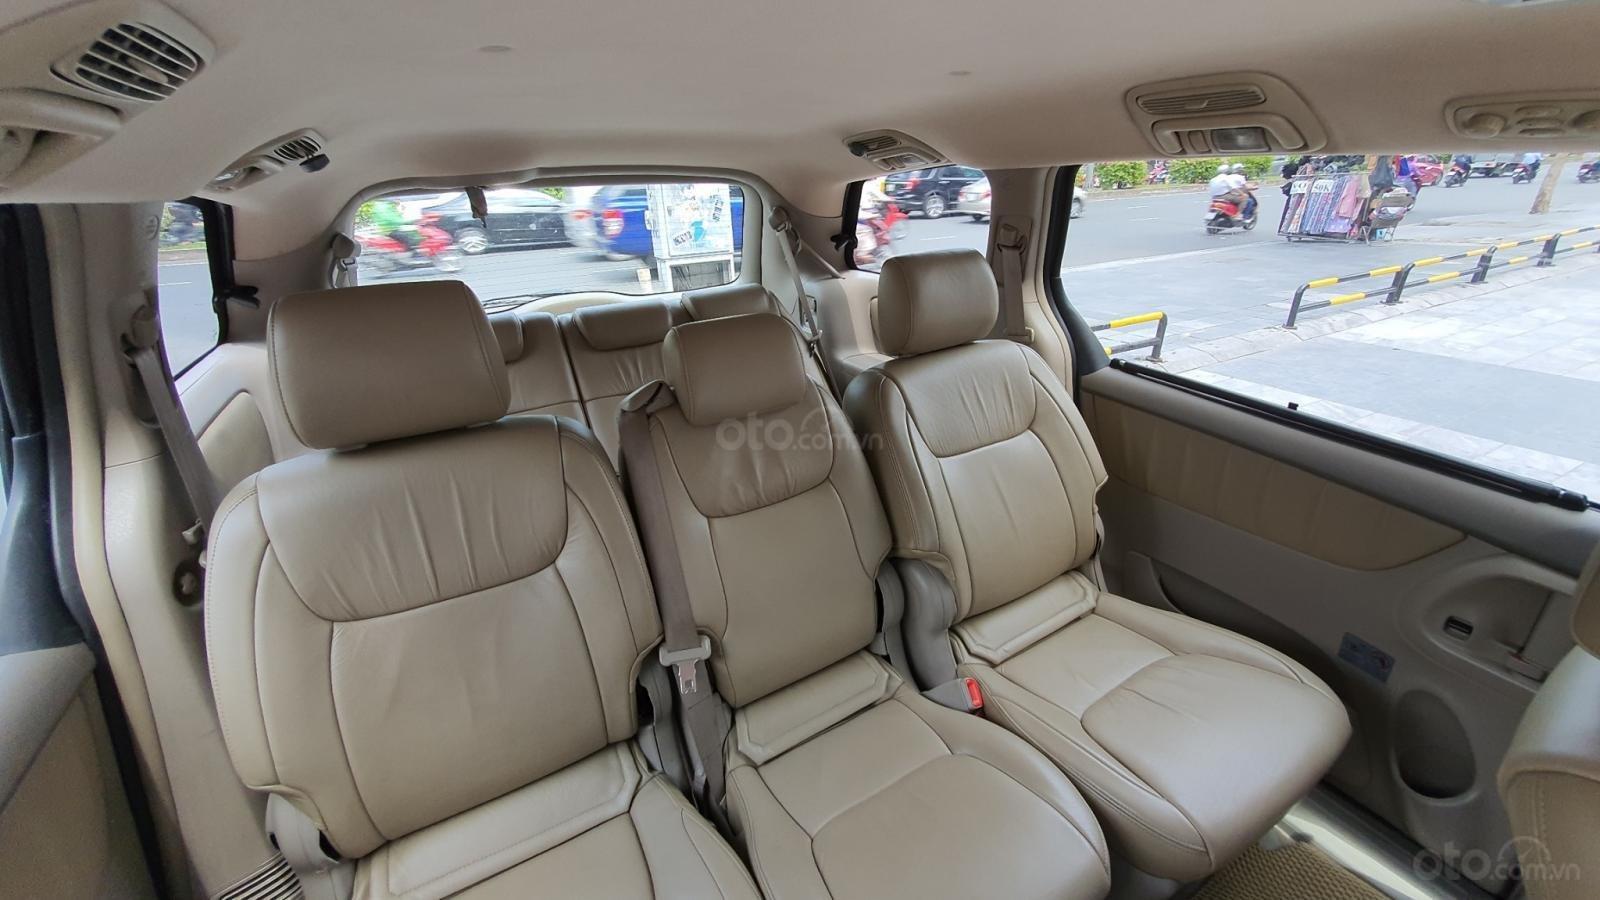 Cần bán xe Toyota Sienna LE 3.5 sản xuất 2008 màu vàng, nhập khẩu (9)